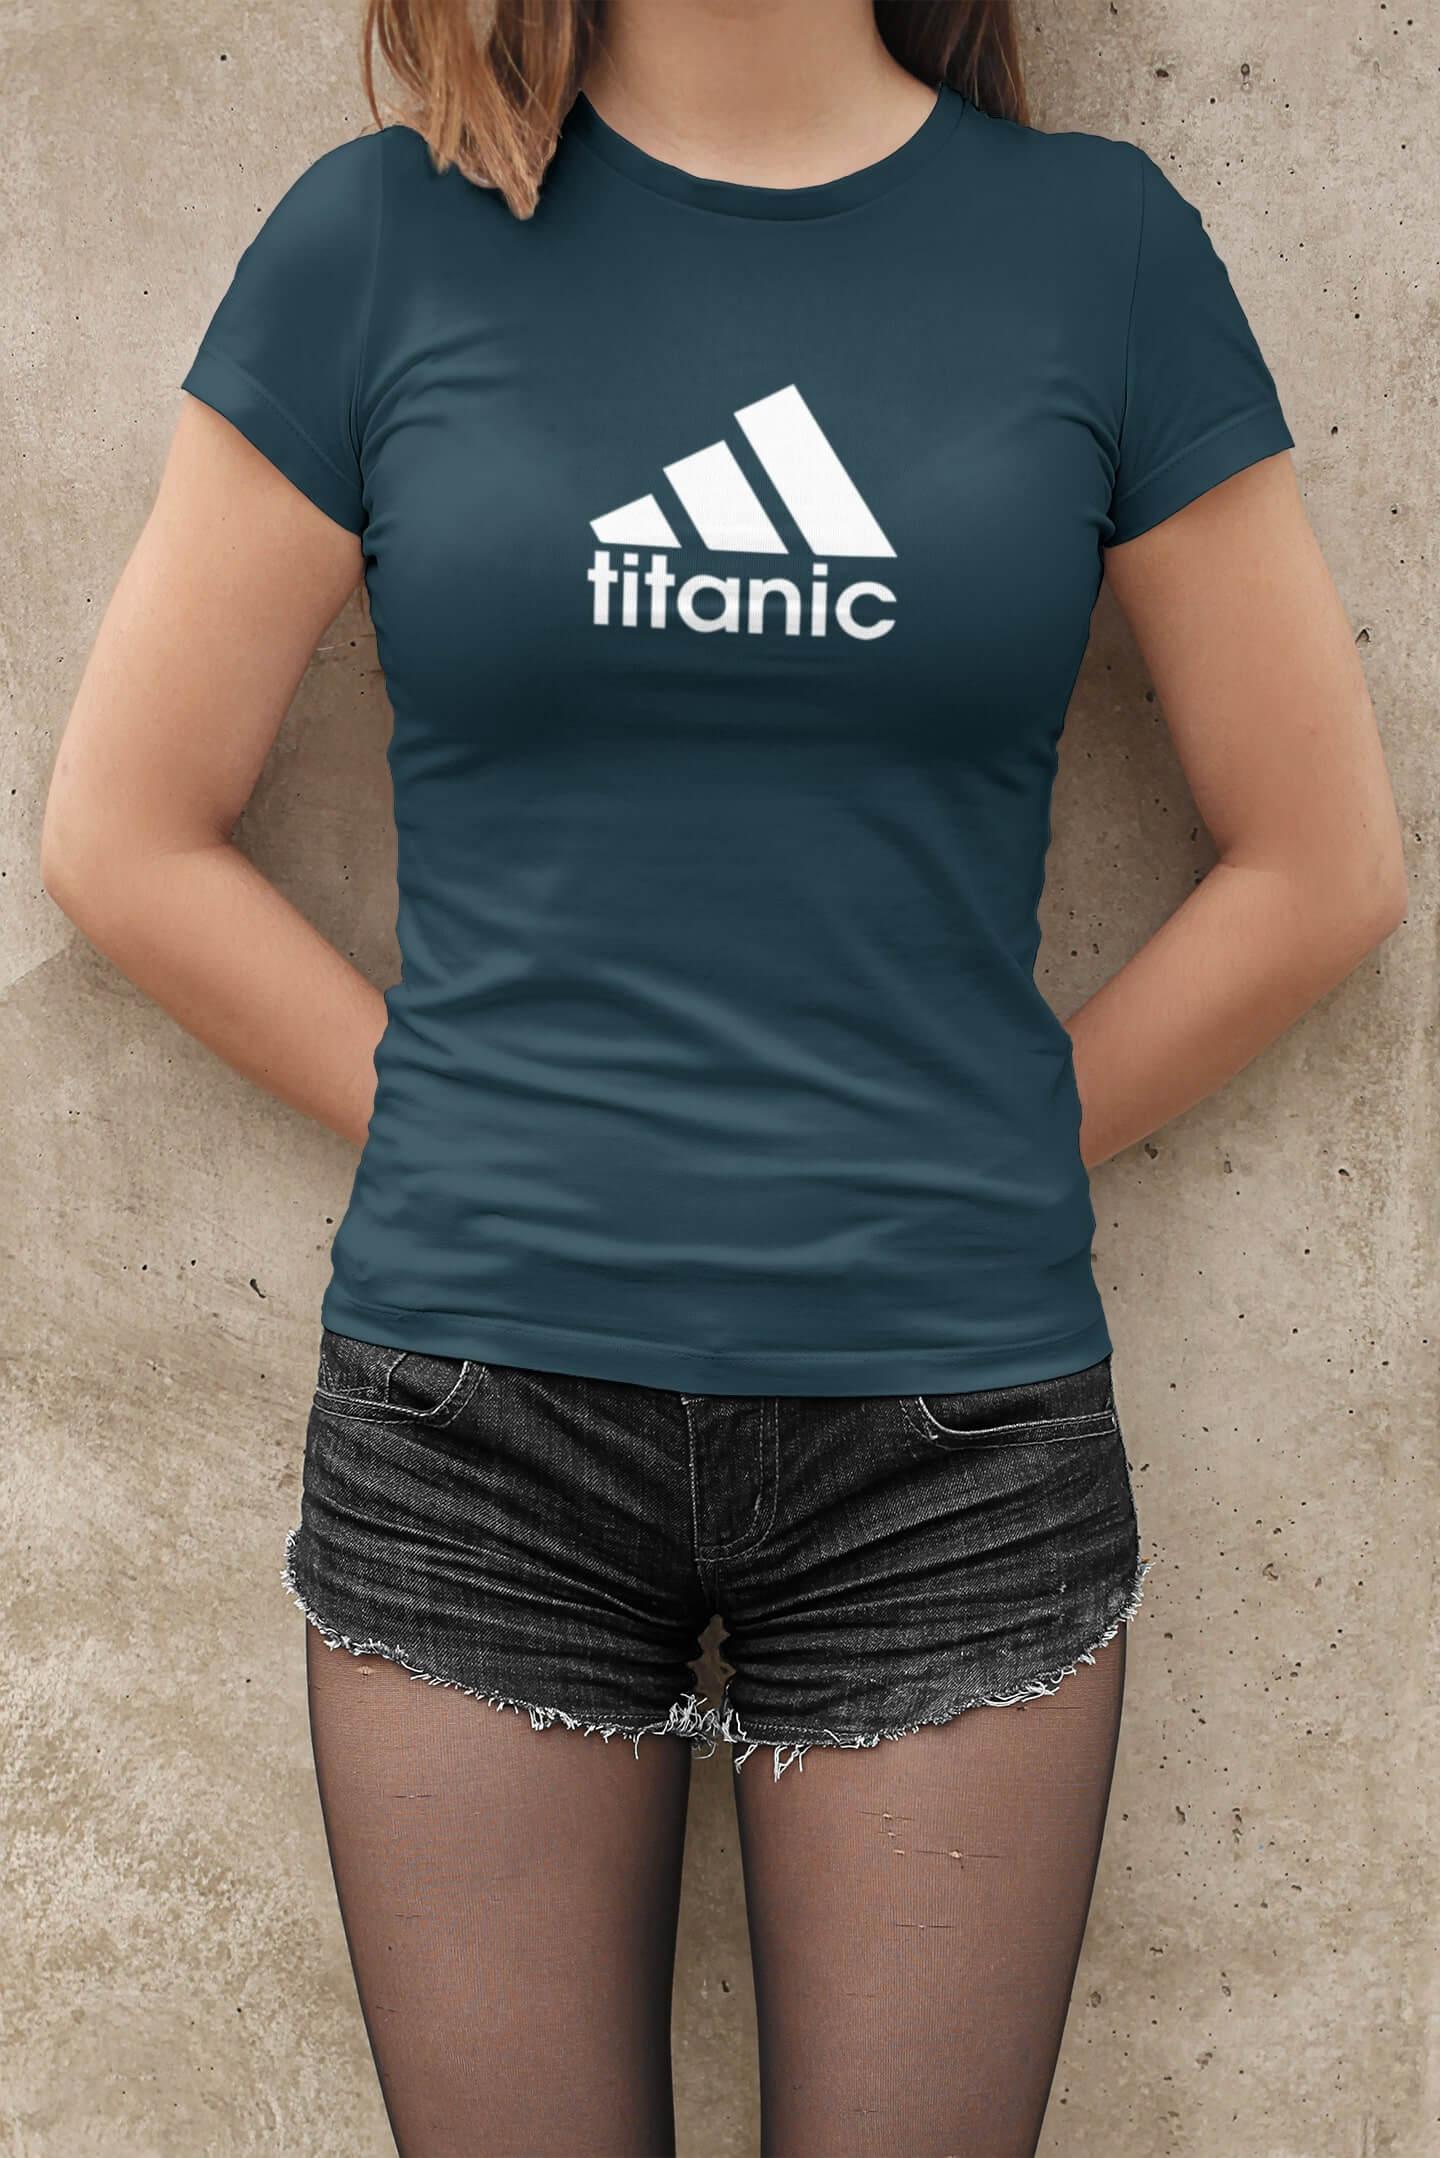 MMO Dámske tričko Titanic Vyberte farbu: Petrolejová modrá, Vyberte veľkosť: XL